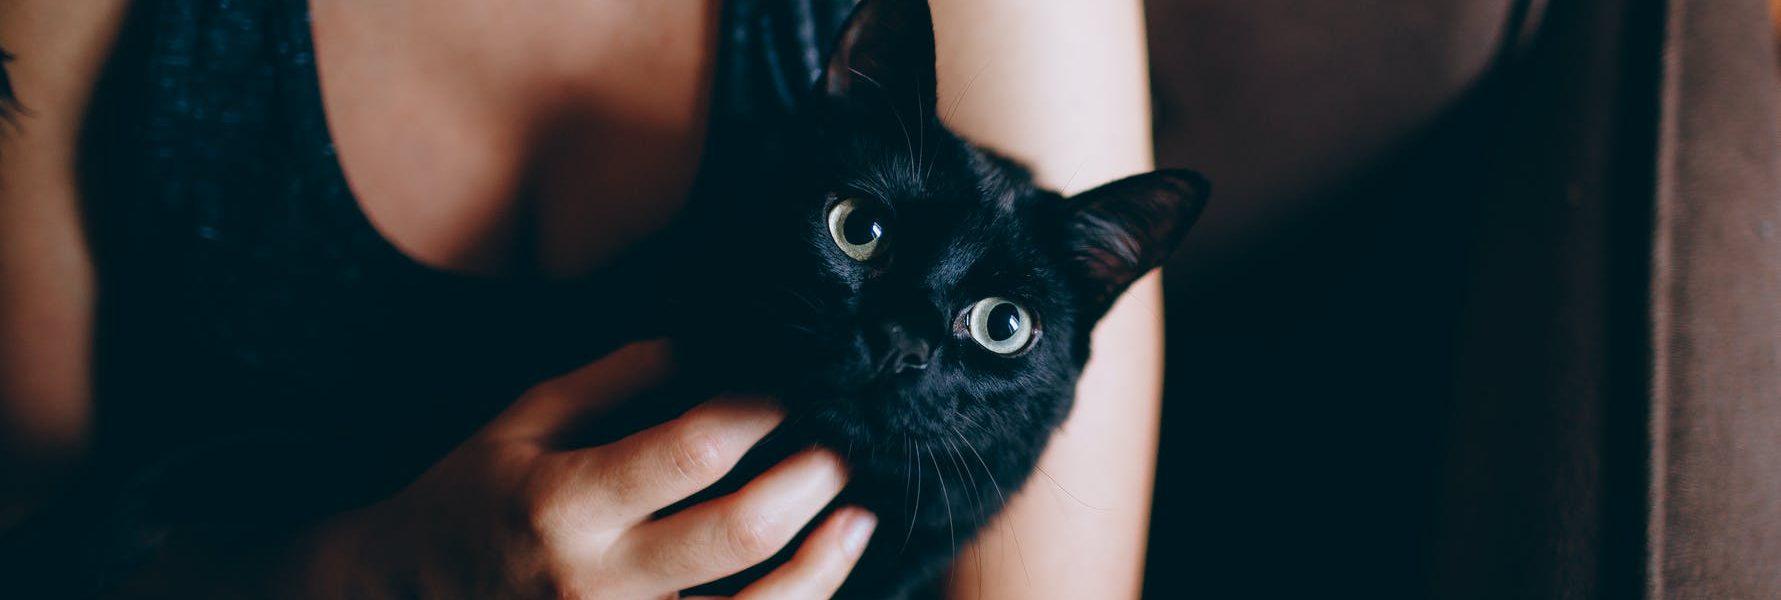 kim jest kot dla człowieka